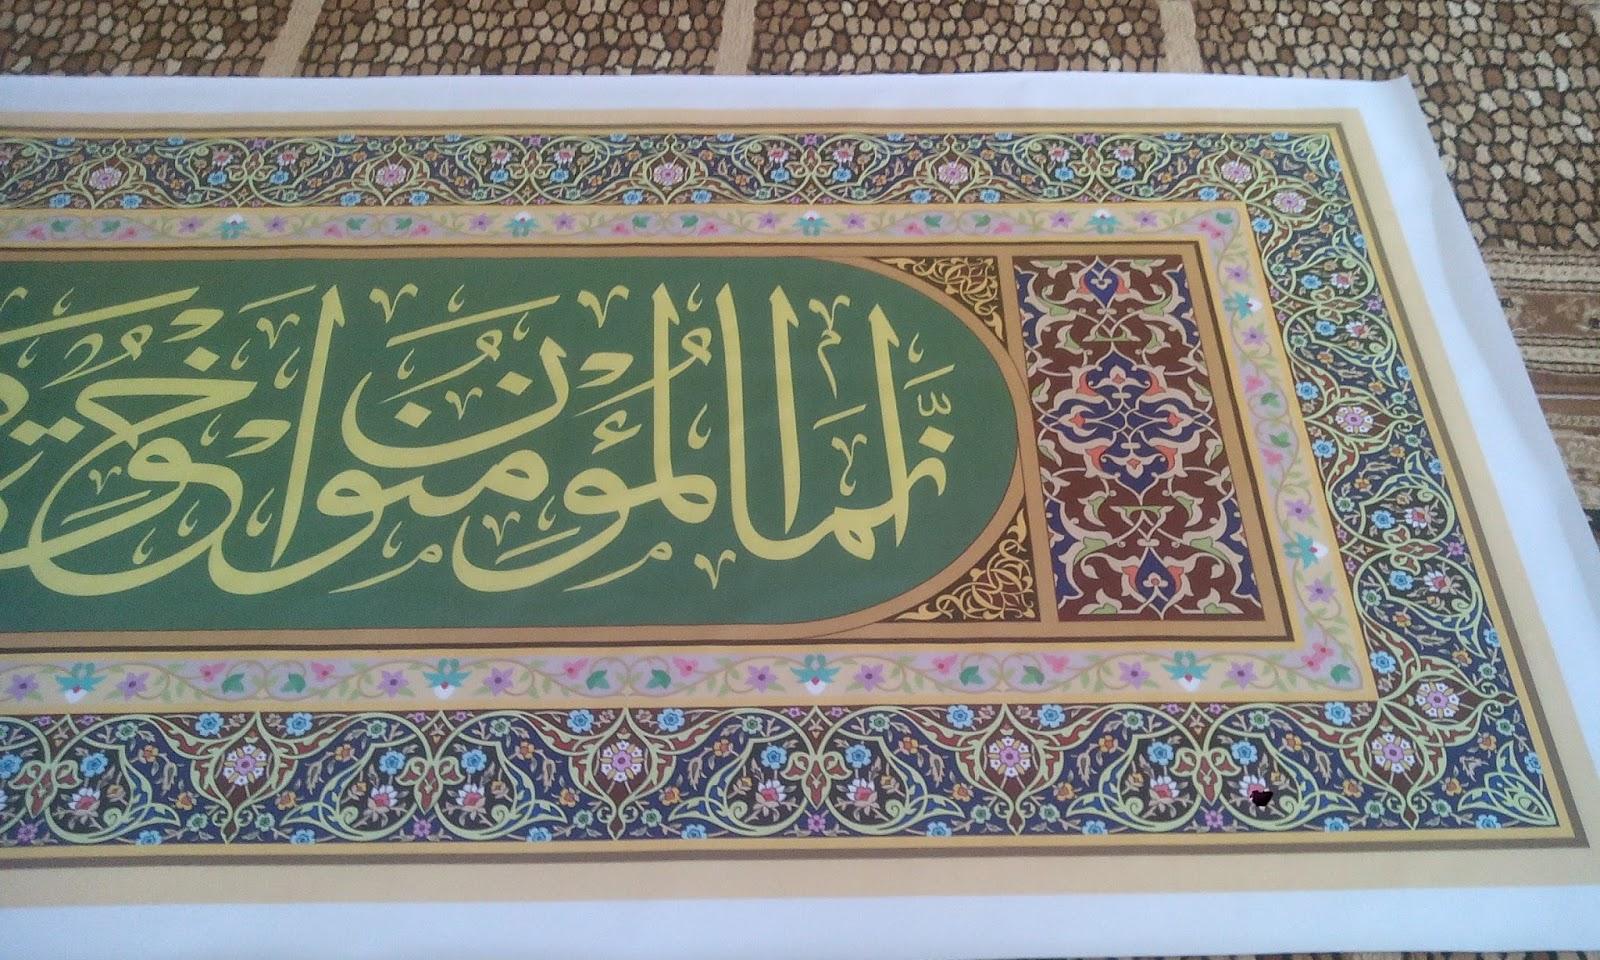 Kaligrafi Digital Kaligrafi Masjid Al Ukhwah Perum UNRI